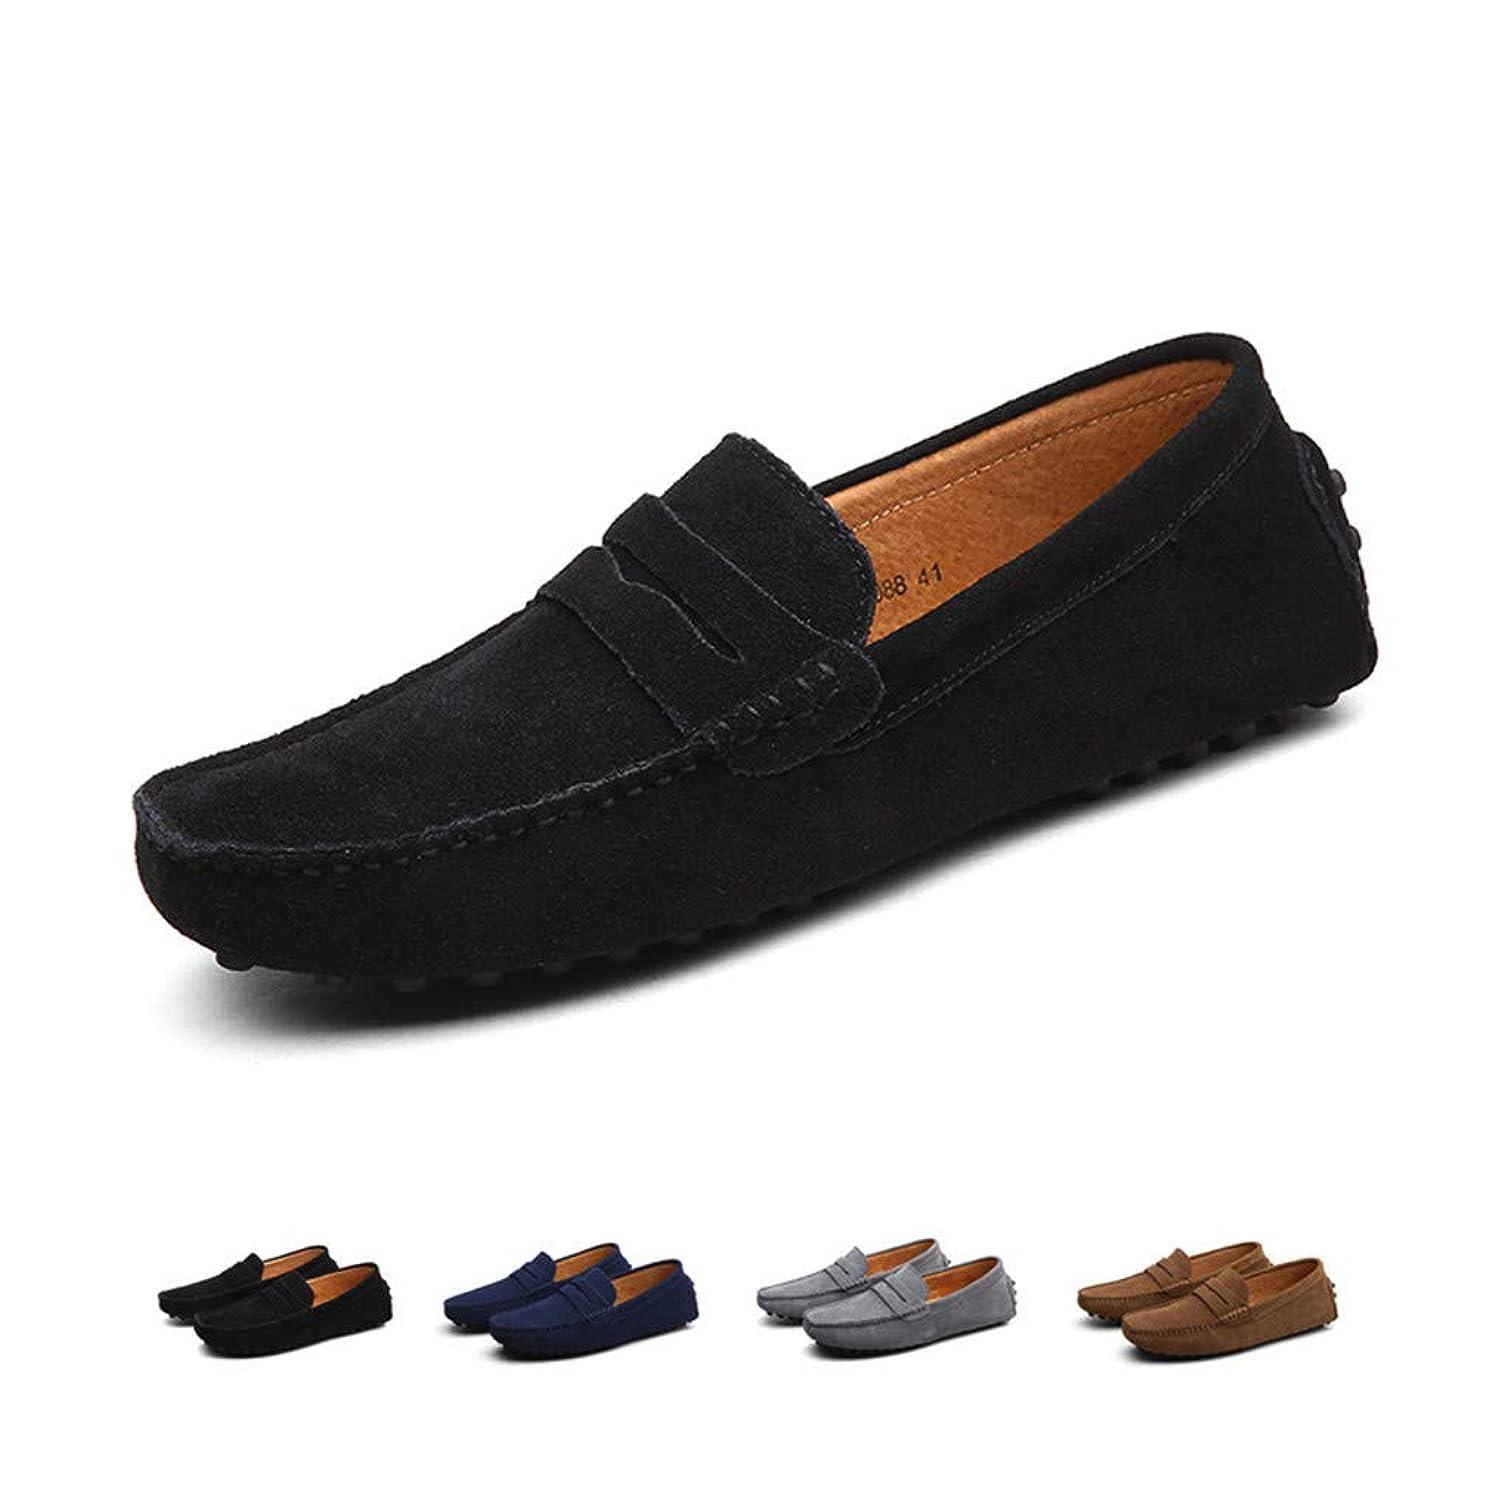 [LSGEGO] ドライビング シューズ メンズ スリップオン ローファー 運転靴 モカシン 靴 ファッション メンズ カジュアルシューズ 本革 2種履き方 手作り 紳士靴 ビジネス シューズ 軽量